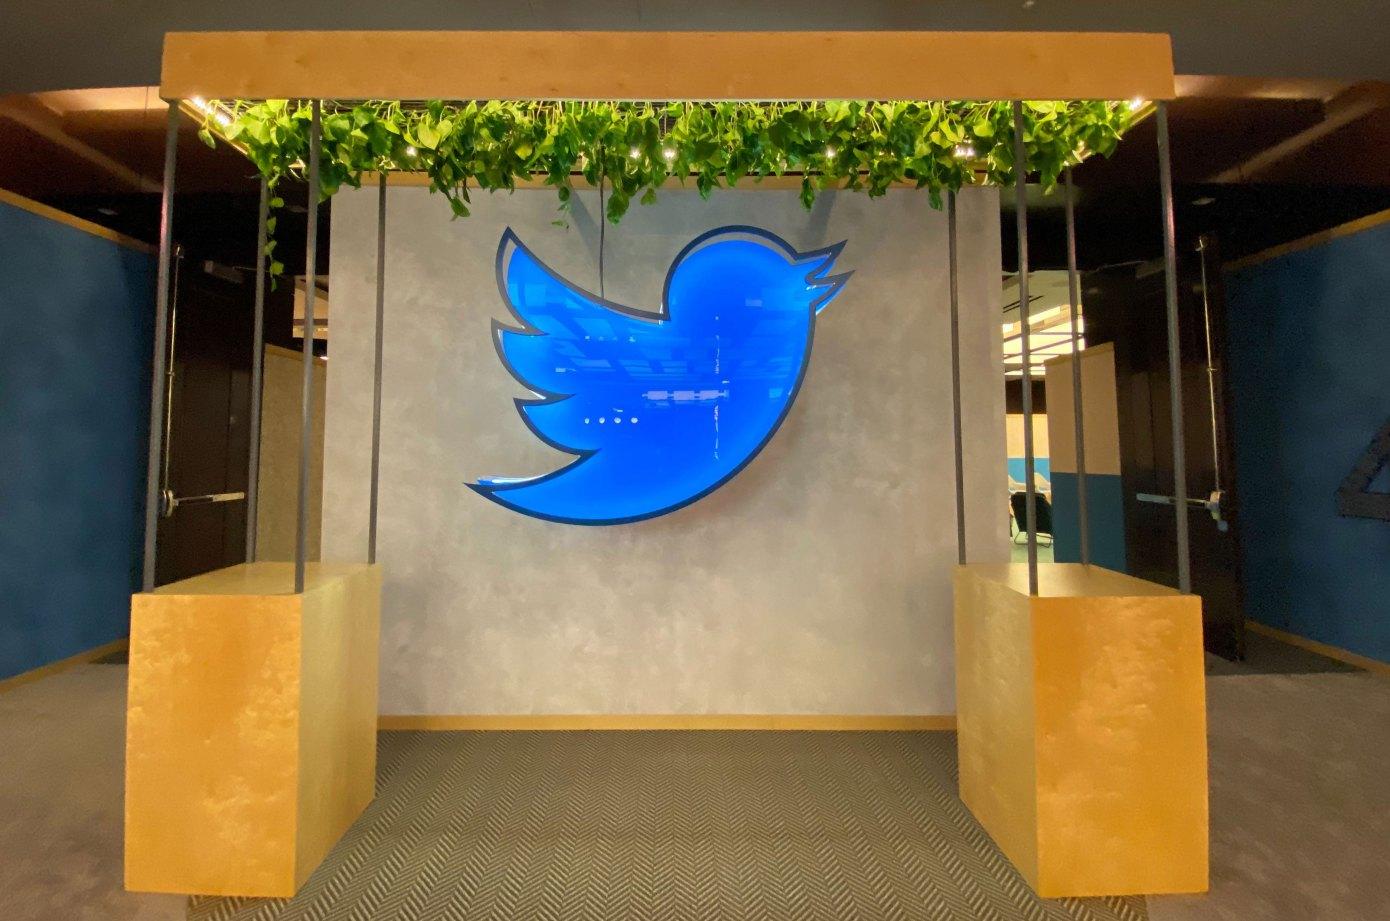 Twitter trabaja en la integración de newsletters en su sitio con la adquisición de Revue